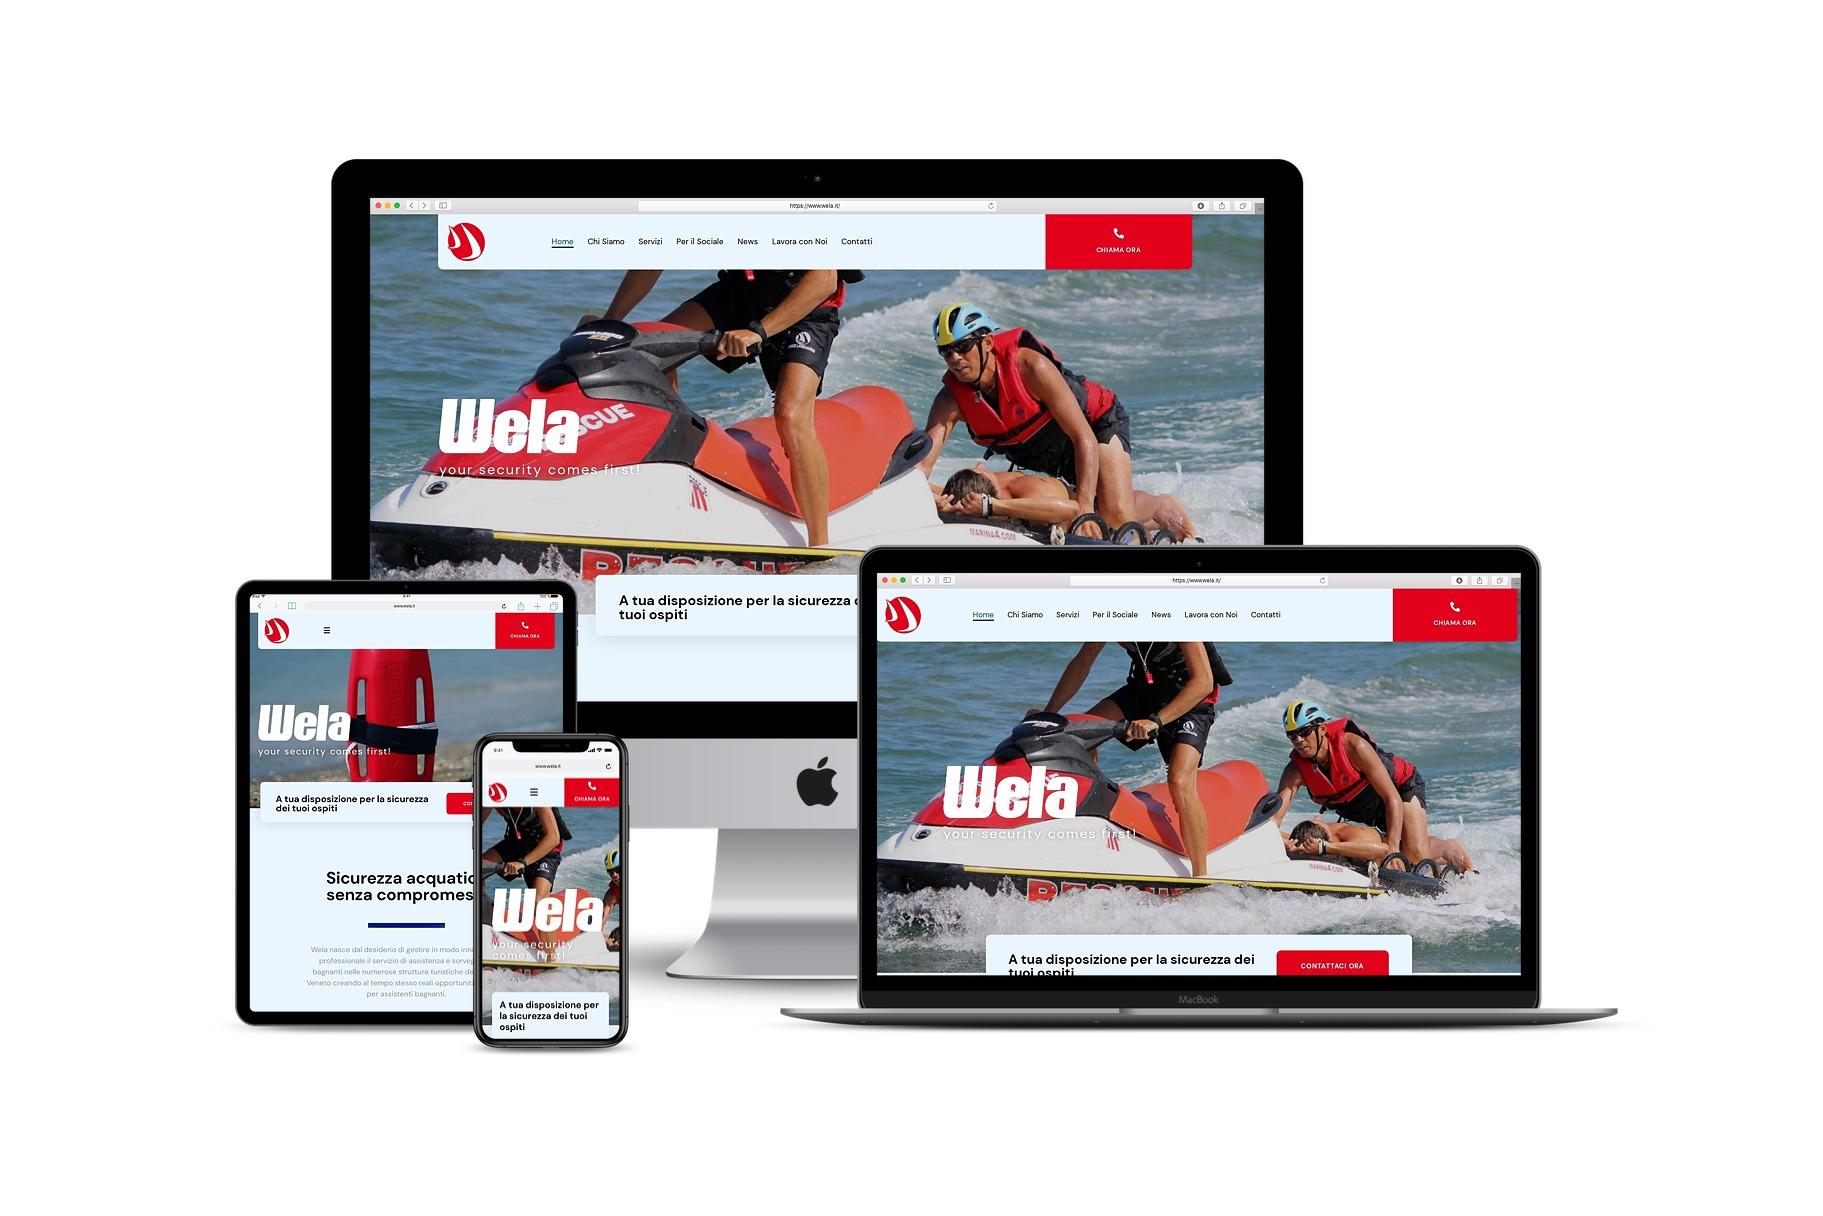 Sito Web associazione per la sicurezza sul turismoLink: www.wela.it